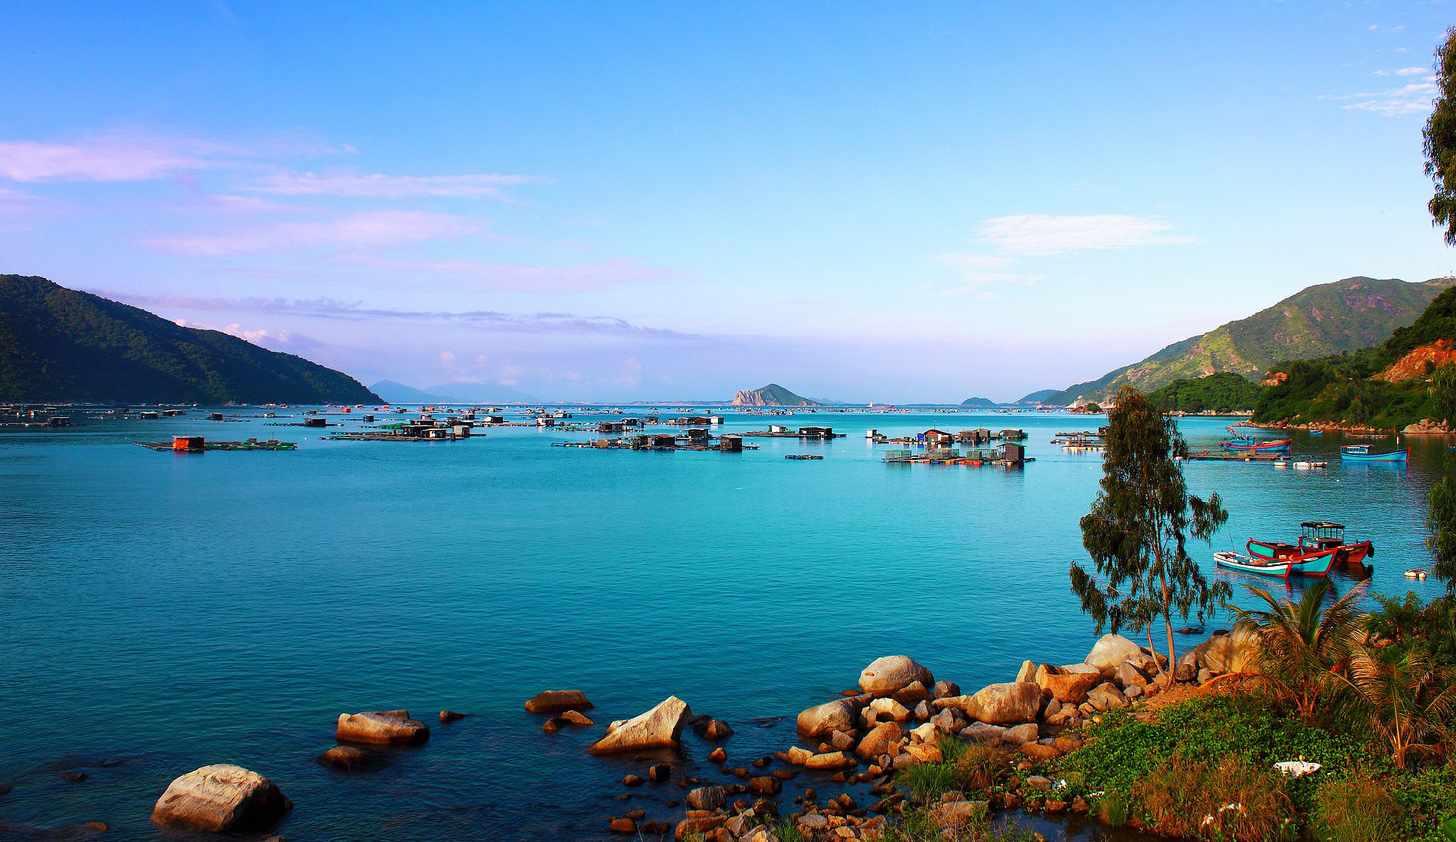 Một góc khung cảnh biển Vũng Rô đẹp mê hồn. Tour du lich phu yen, tour phu yen.